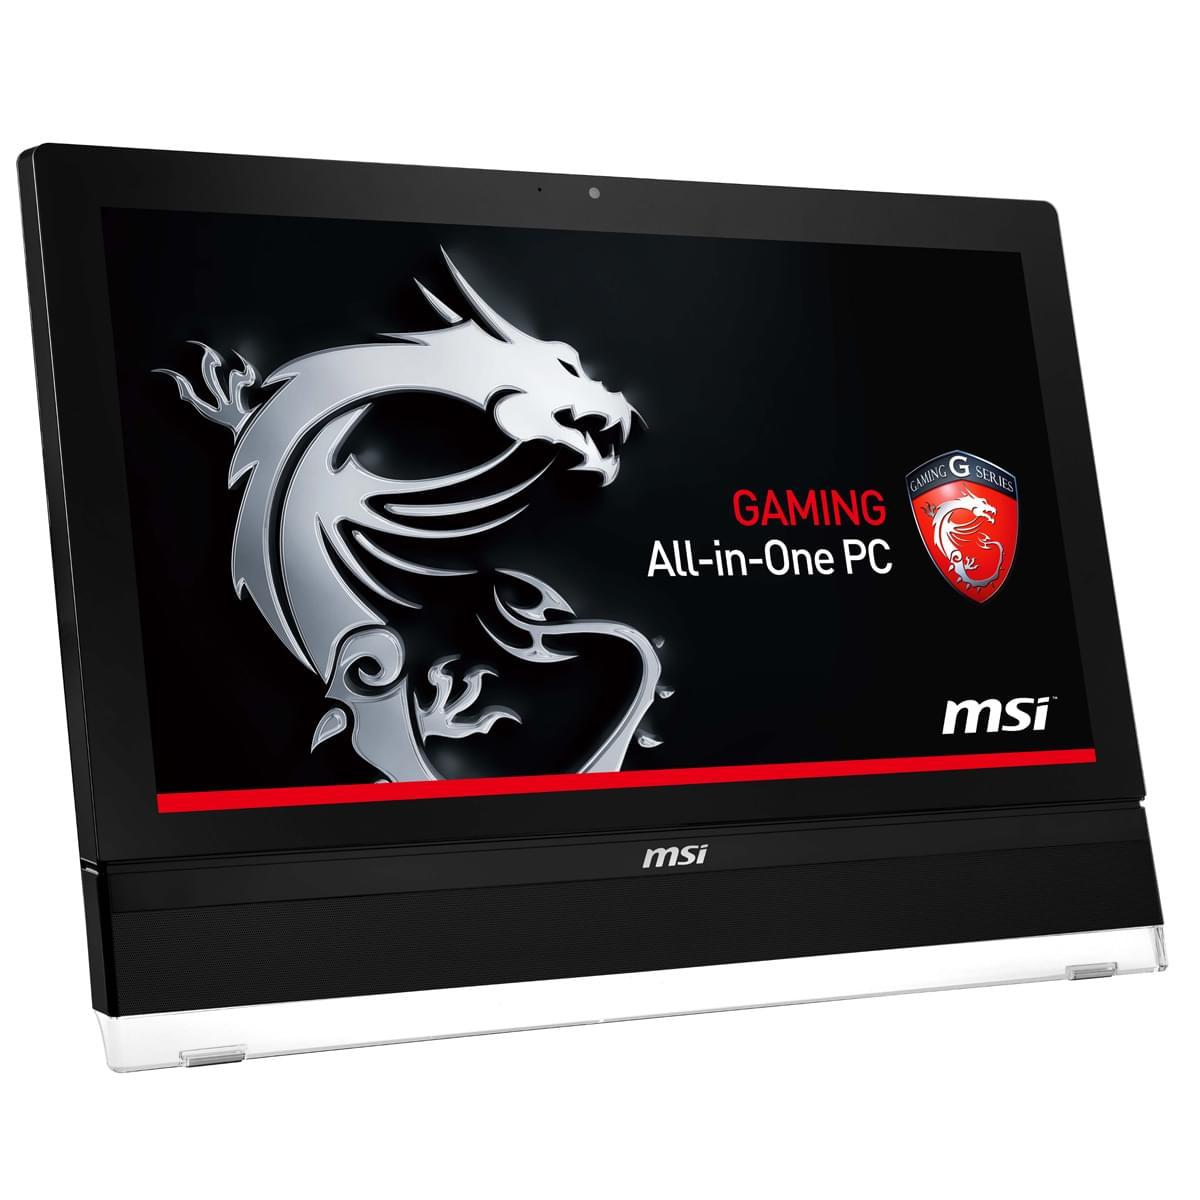 MSI AG2712-001 - All-In-One PC MSI - Cybertek.fr - 0